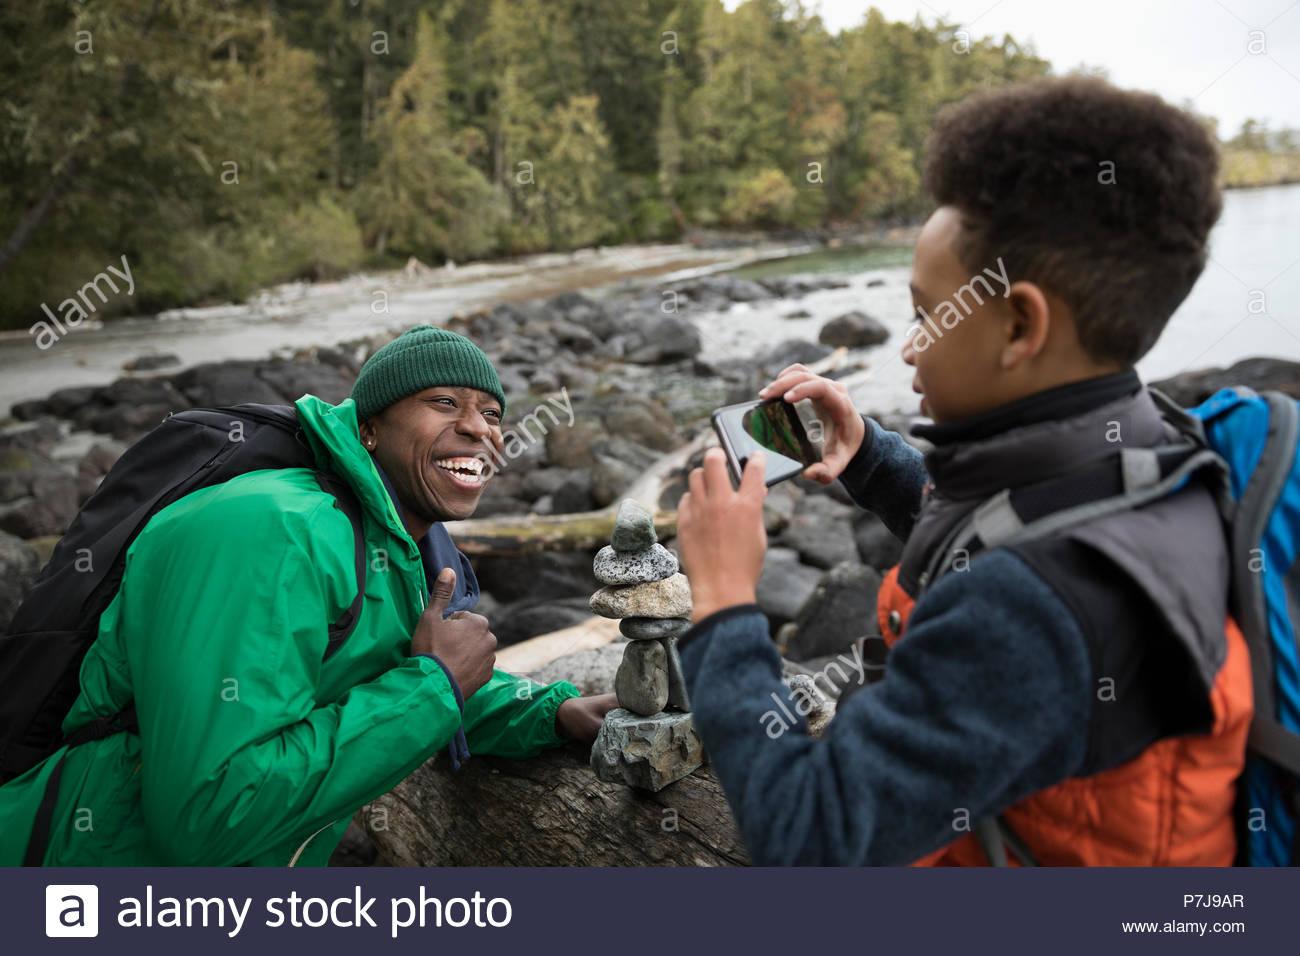 Fils de téléphone appareil photo photographier père ludique sur une plage Photo Stock